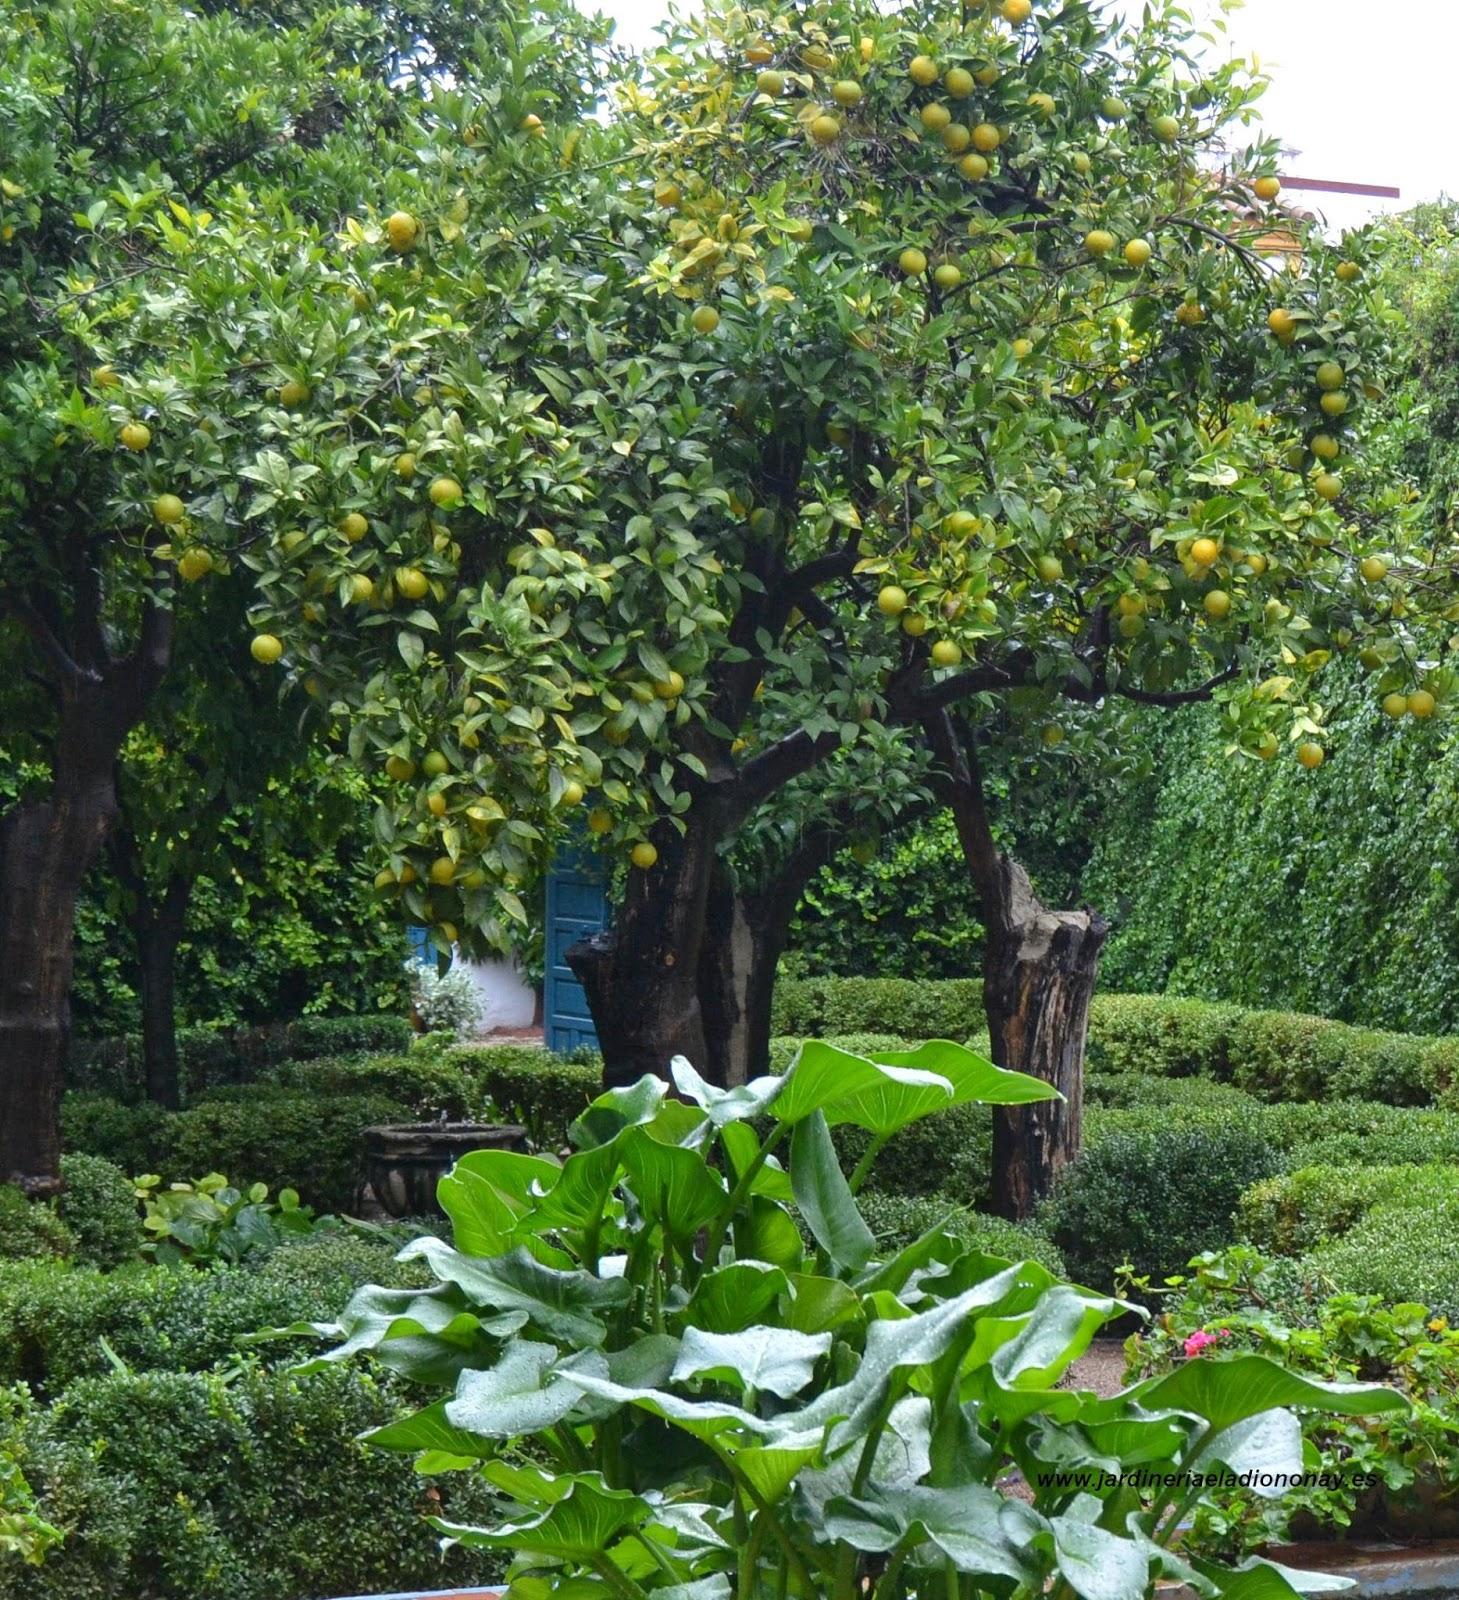 Jardineria eladio nonay decoraci n de espacios for Adornos de jardineria